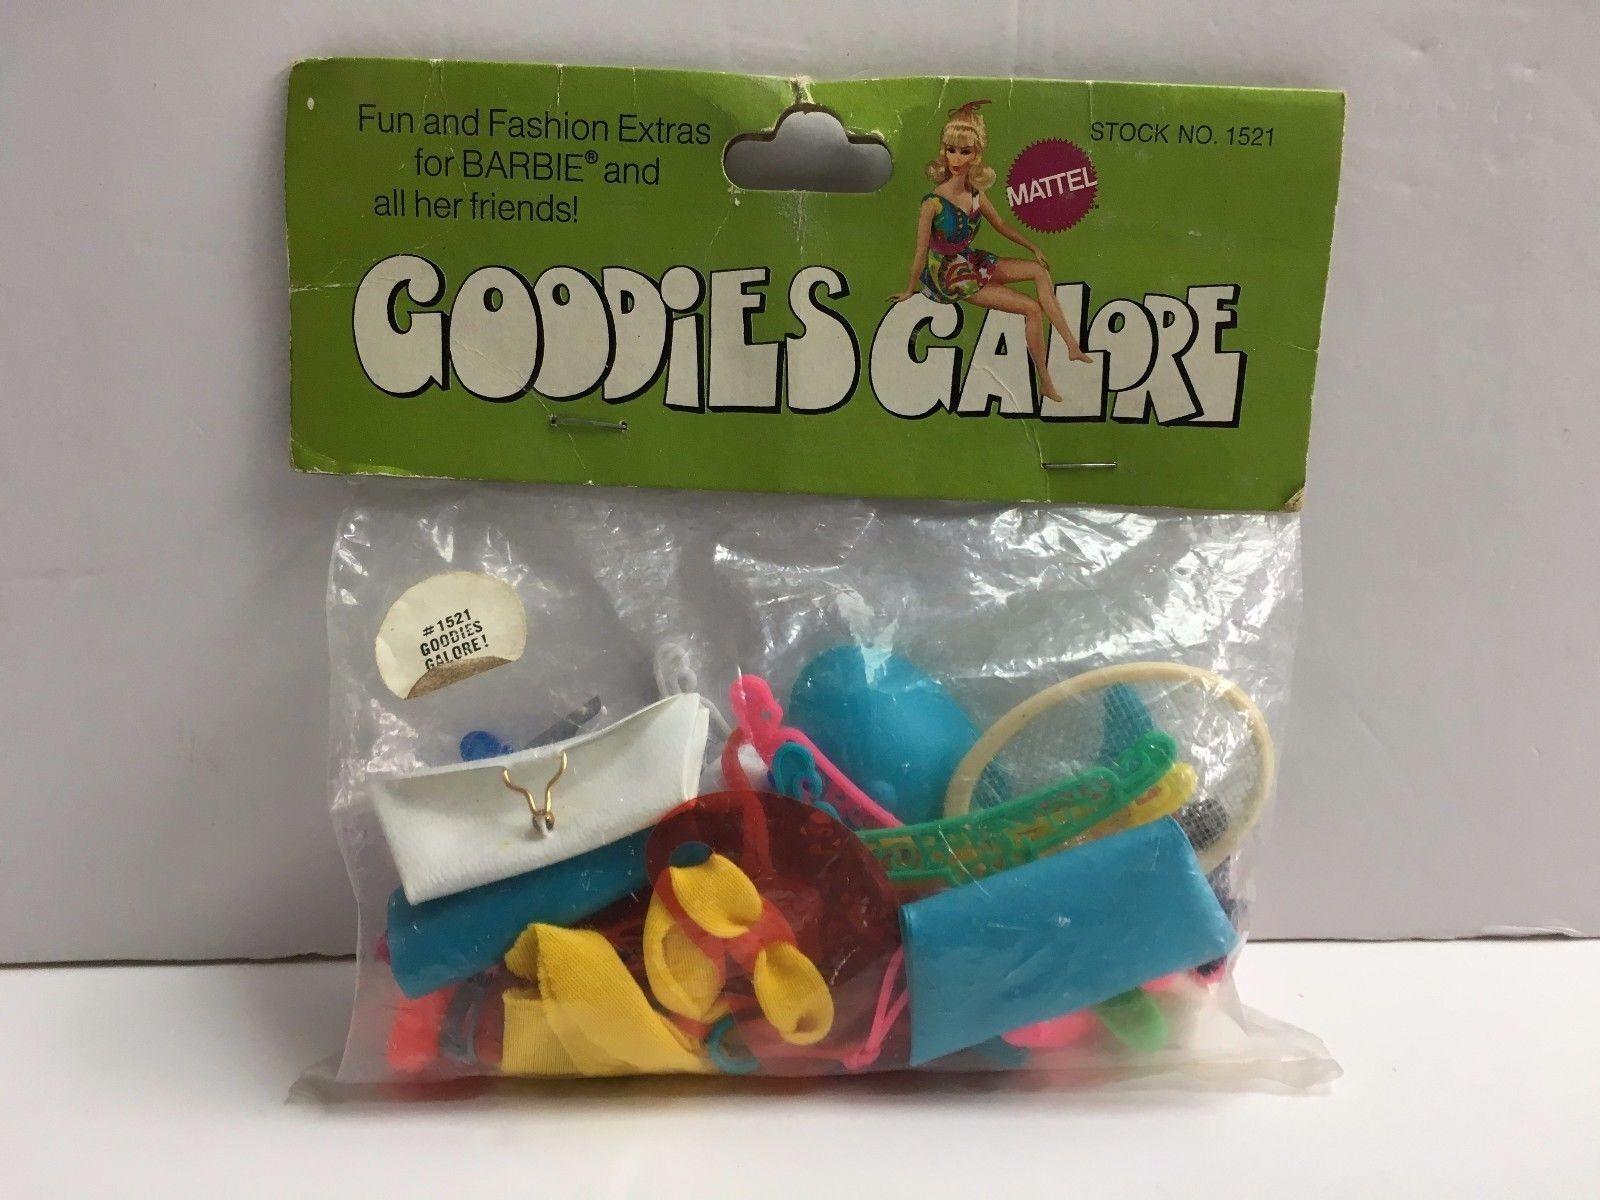 Vintage Raro Barbie Golosinas Galore Sears Exclusivo Accesorios nunca quitado de la caja de la menta en paquete de menta en caja menta en tarjeta